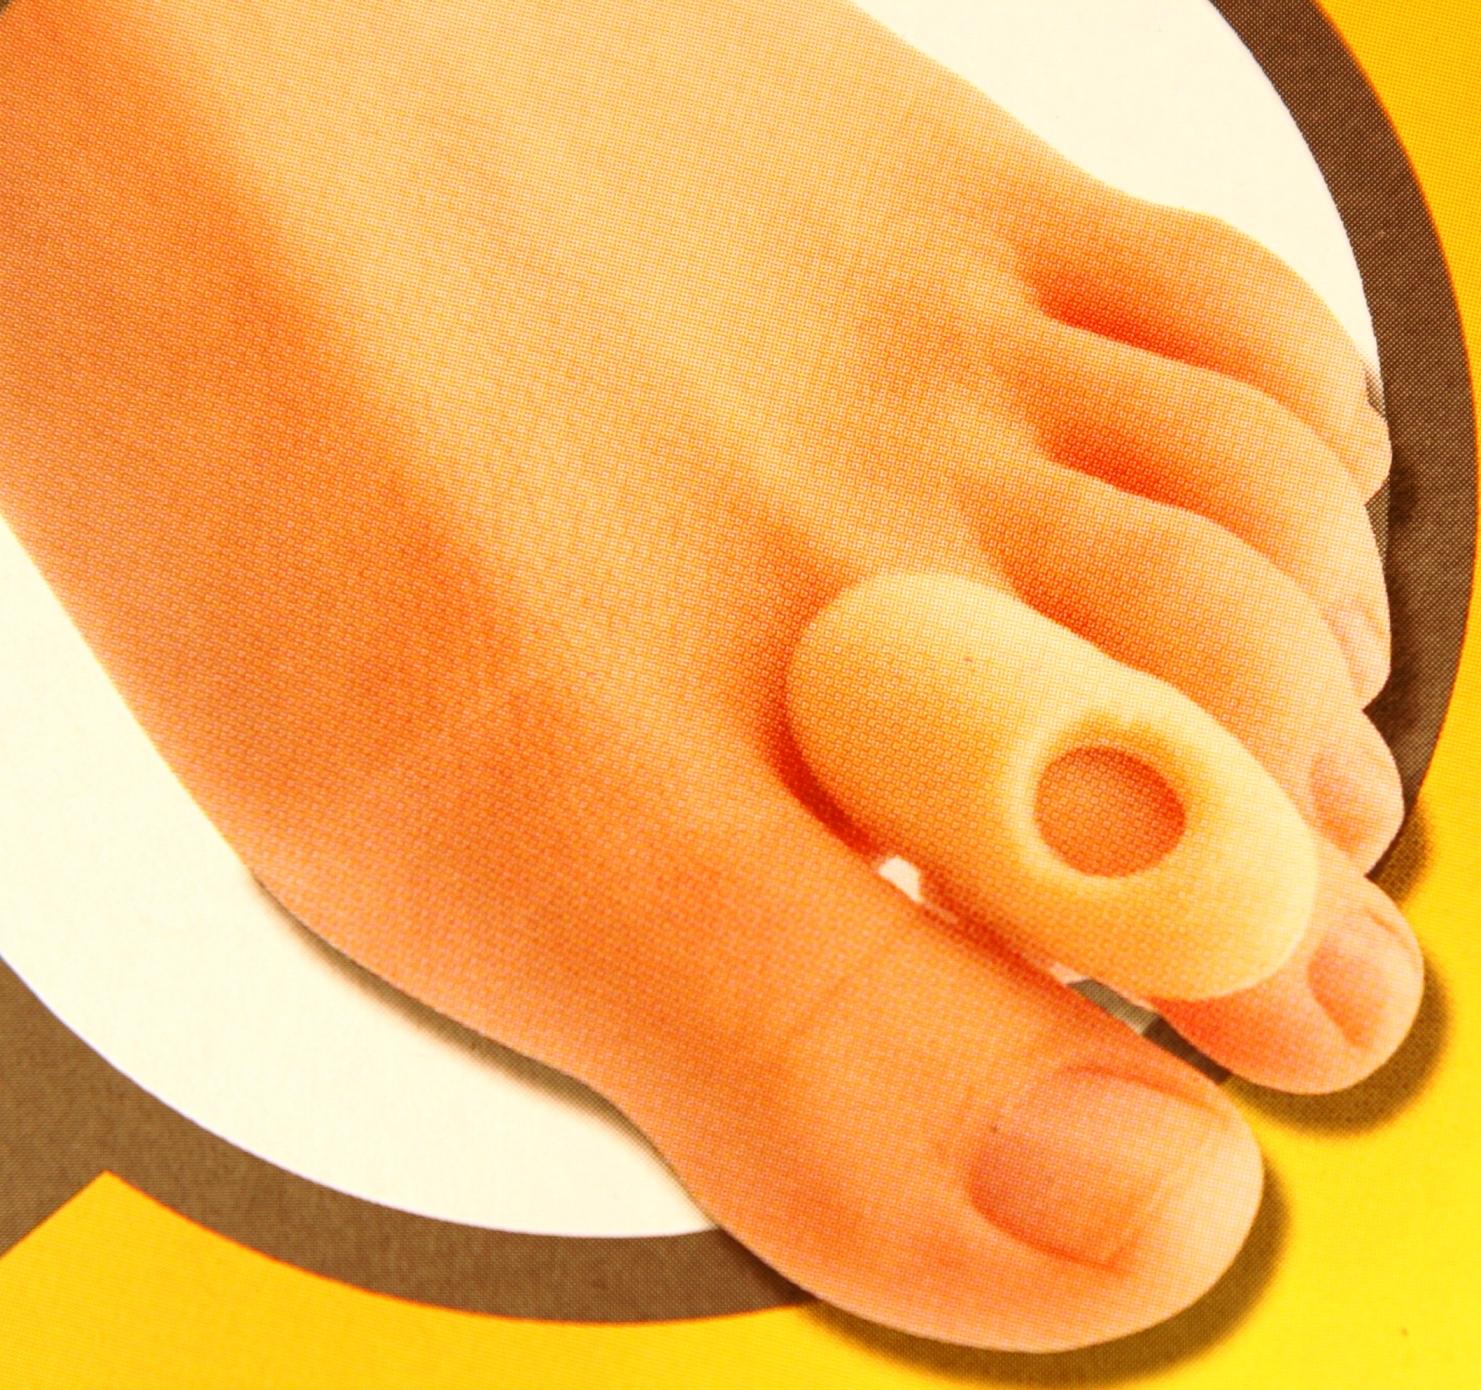 lábfej lábujjai ízületi ízületi gyulladása)